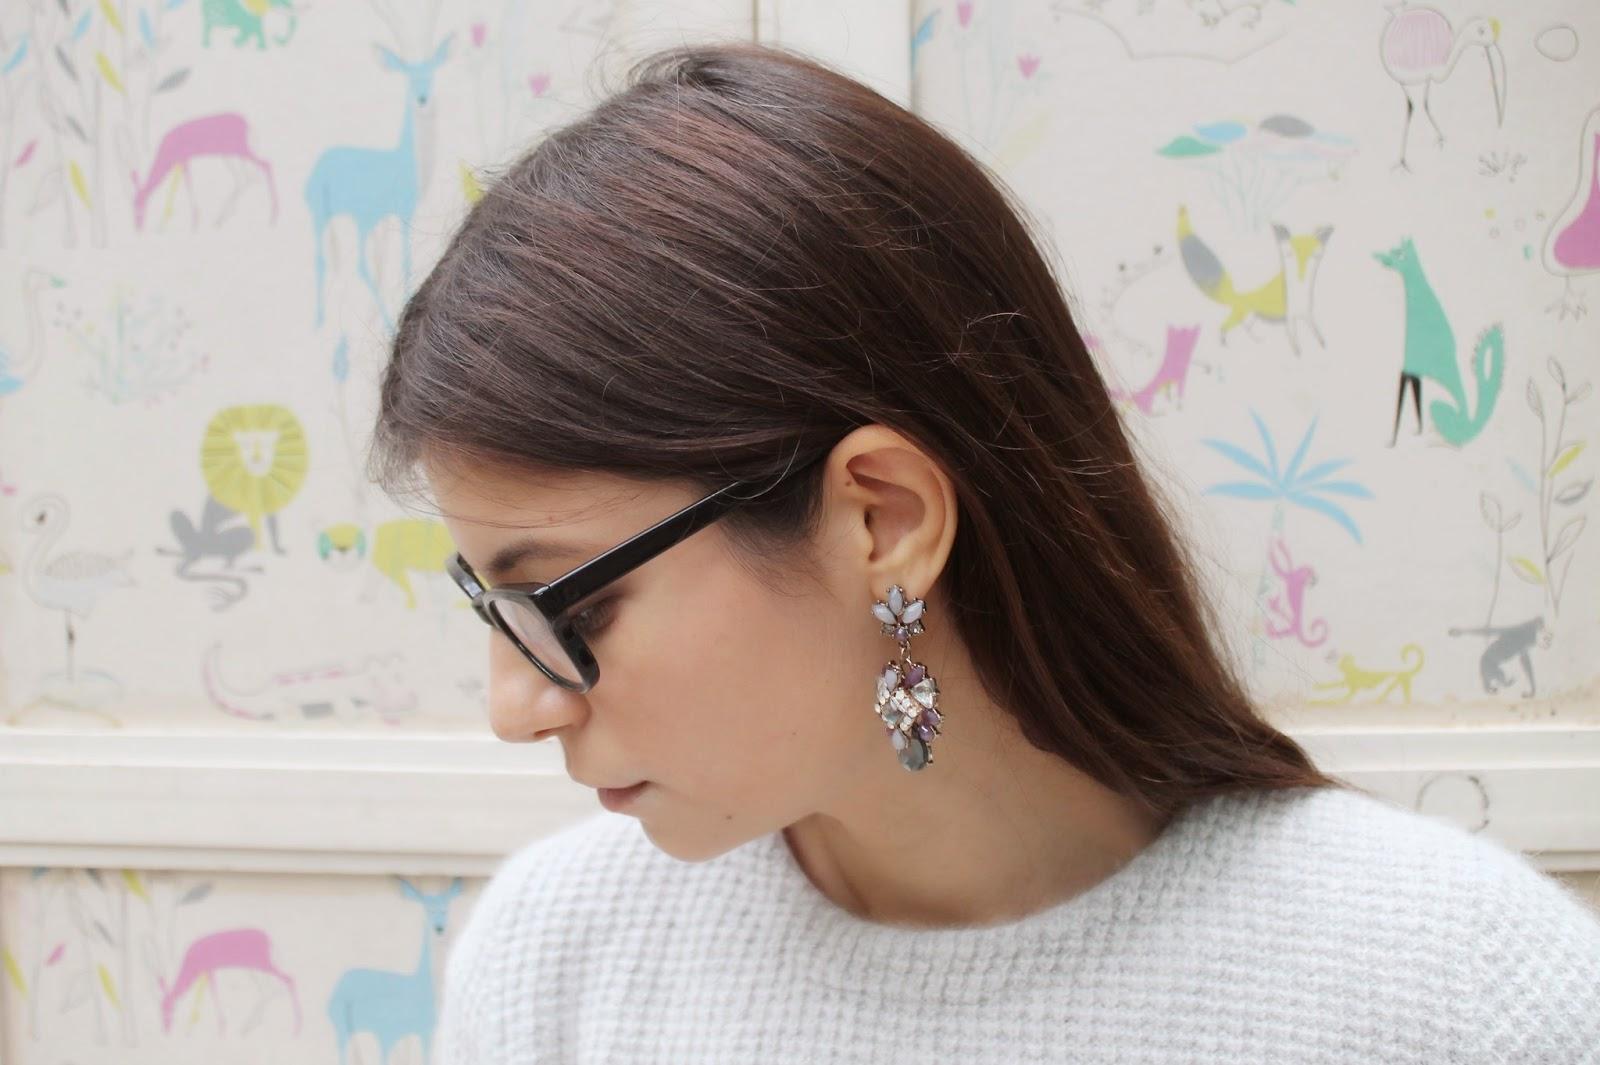 statement earrings, accessorize, wallpaper